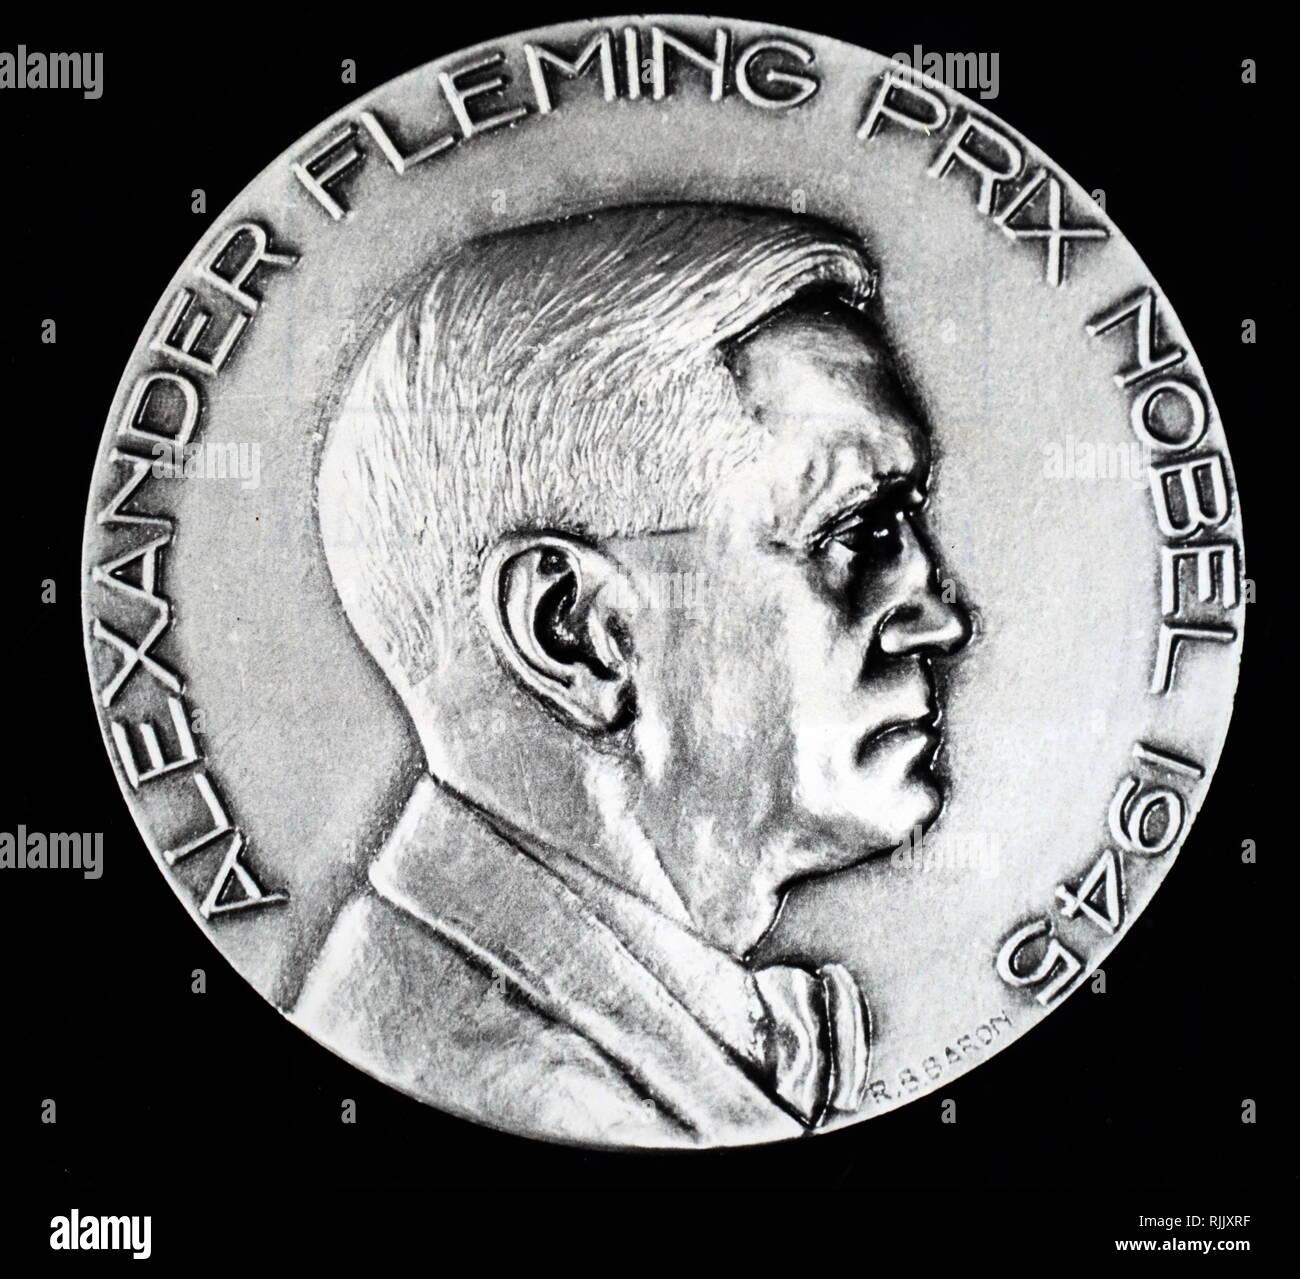 Una medalla conmemorativa Alexander Fleming's gana premio Nobel en 1945. Alexander Fleming (1881-1955) un médico escocés, el microbiólogo y farmacólogo. Fecha siglo xx Imagen De Stock